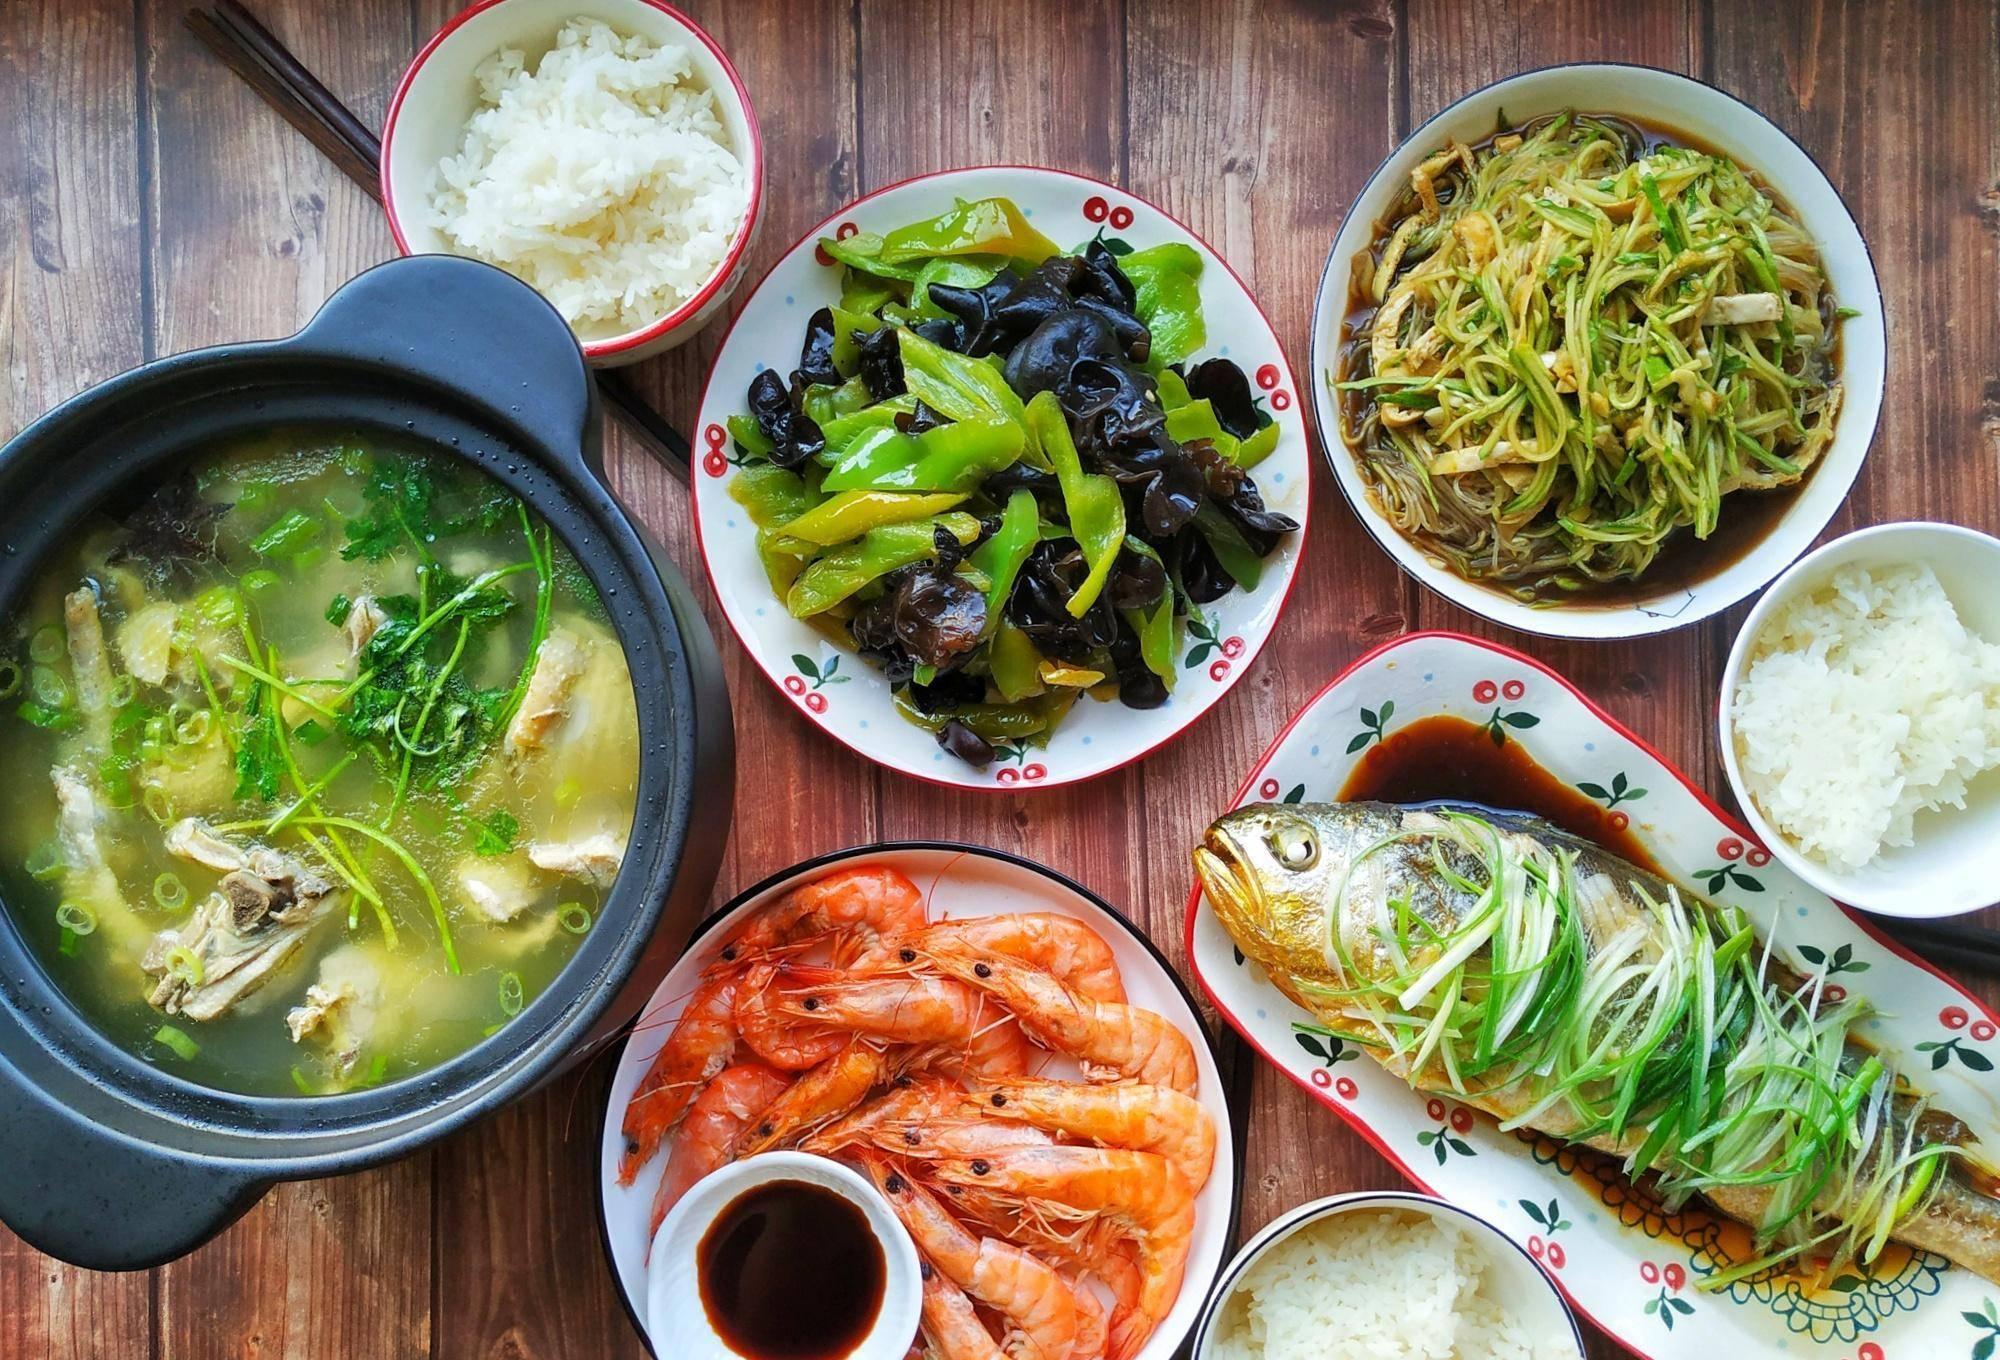 青山学菜:晒晒我家节日家常菜,十个人的聚餐,忙活了大半天,喜欢吃就开心  10个人聚餐吃什么便宜